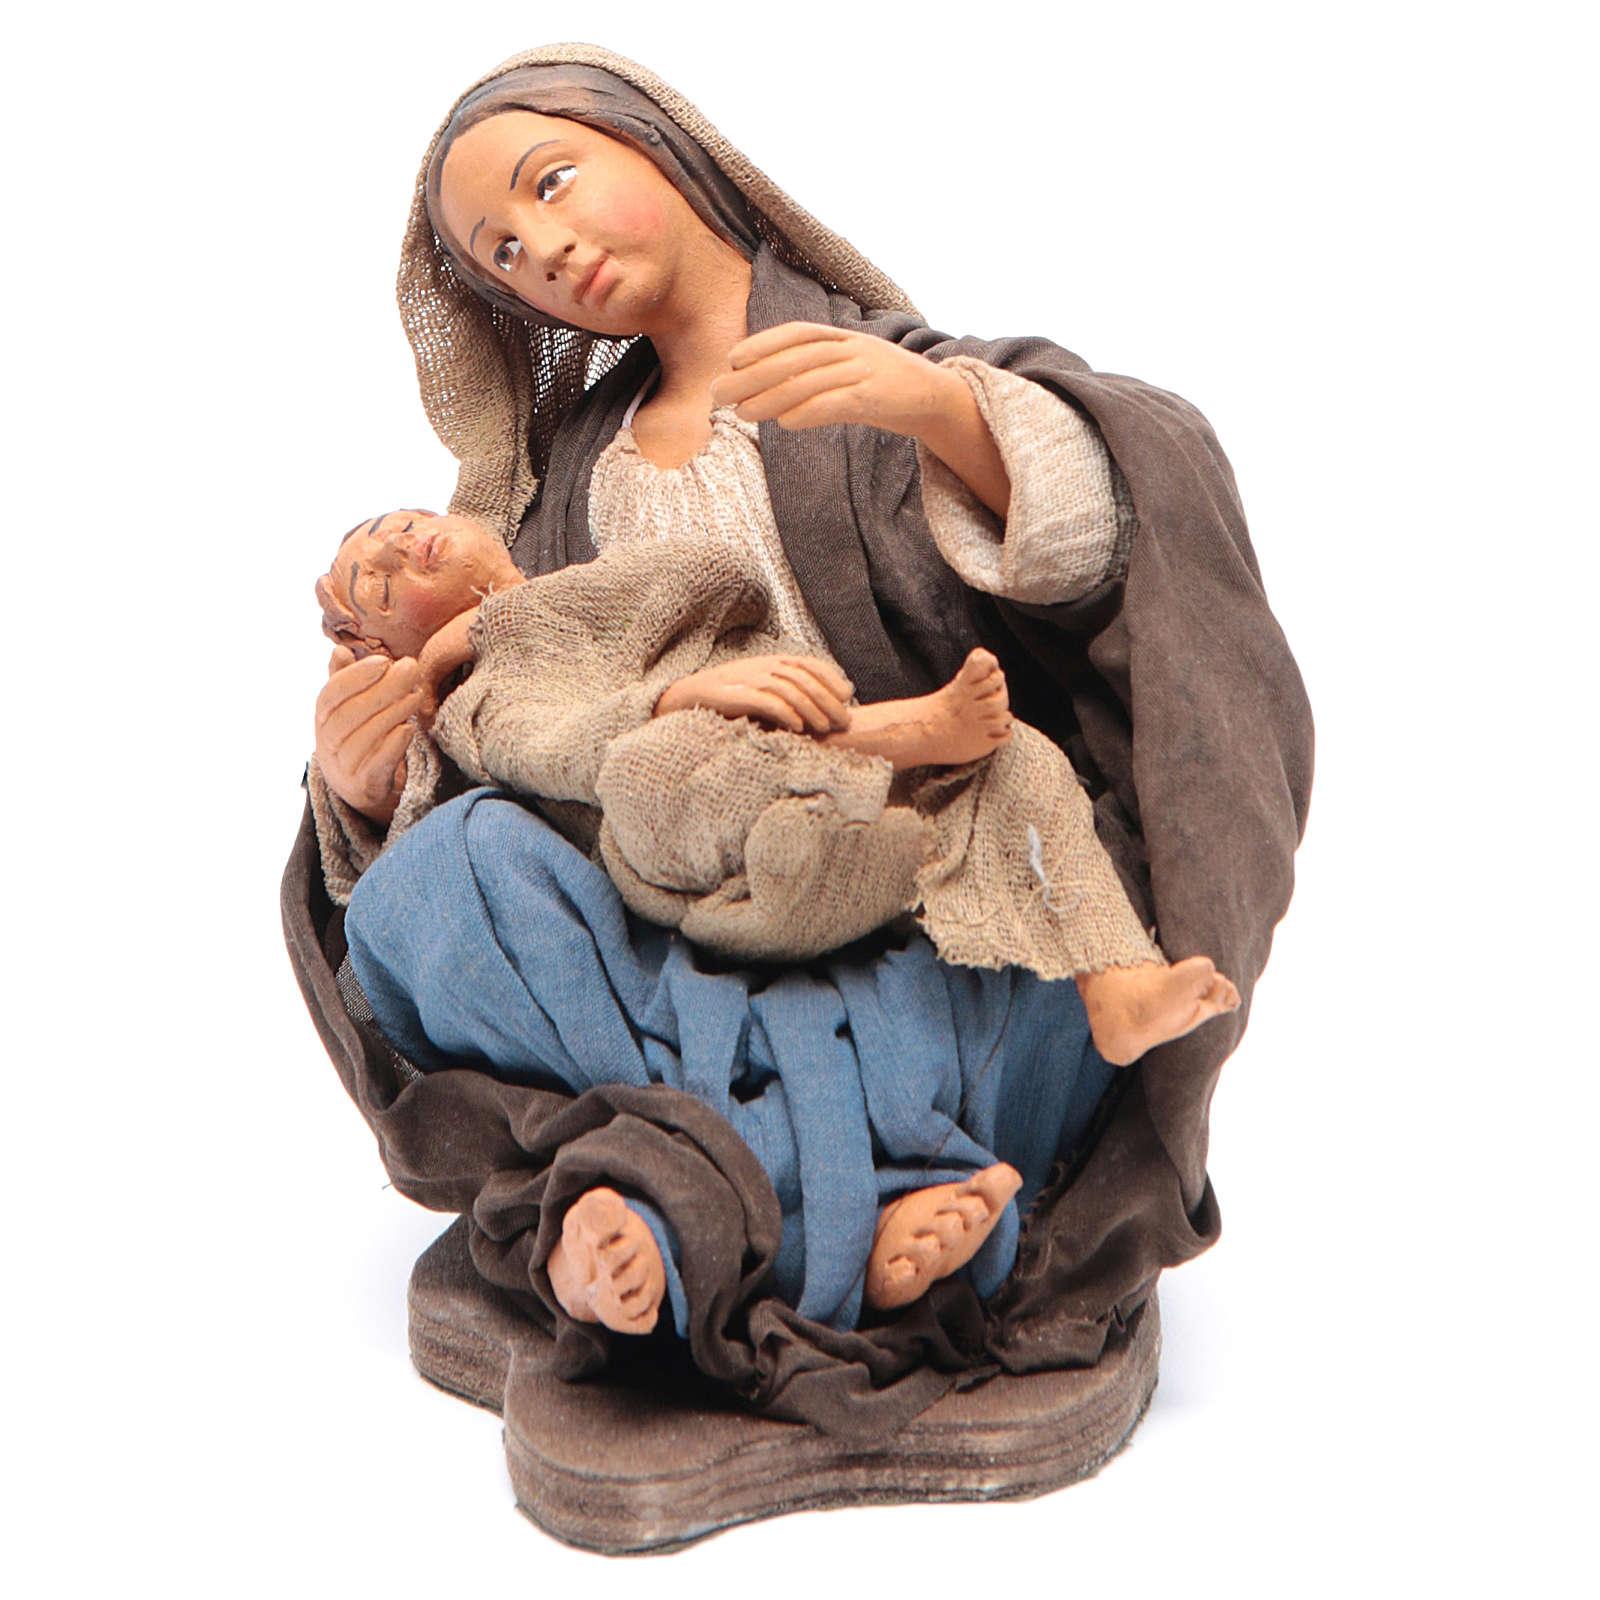 Mamma con bimbo seduta 30 cm movimento presepe Napoli 4